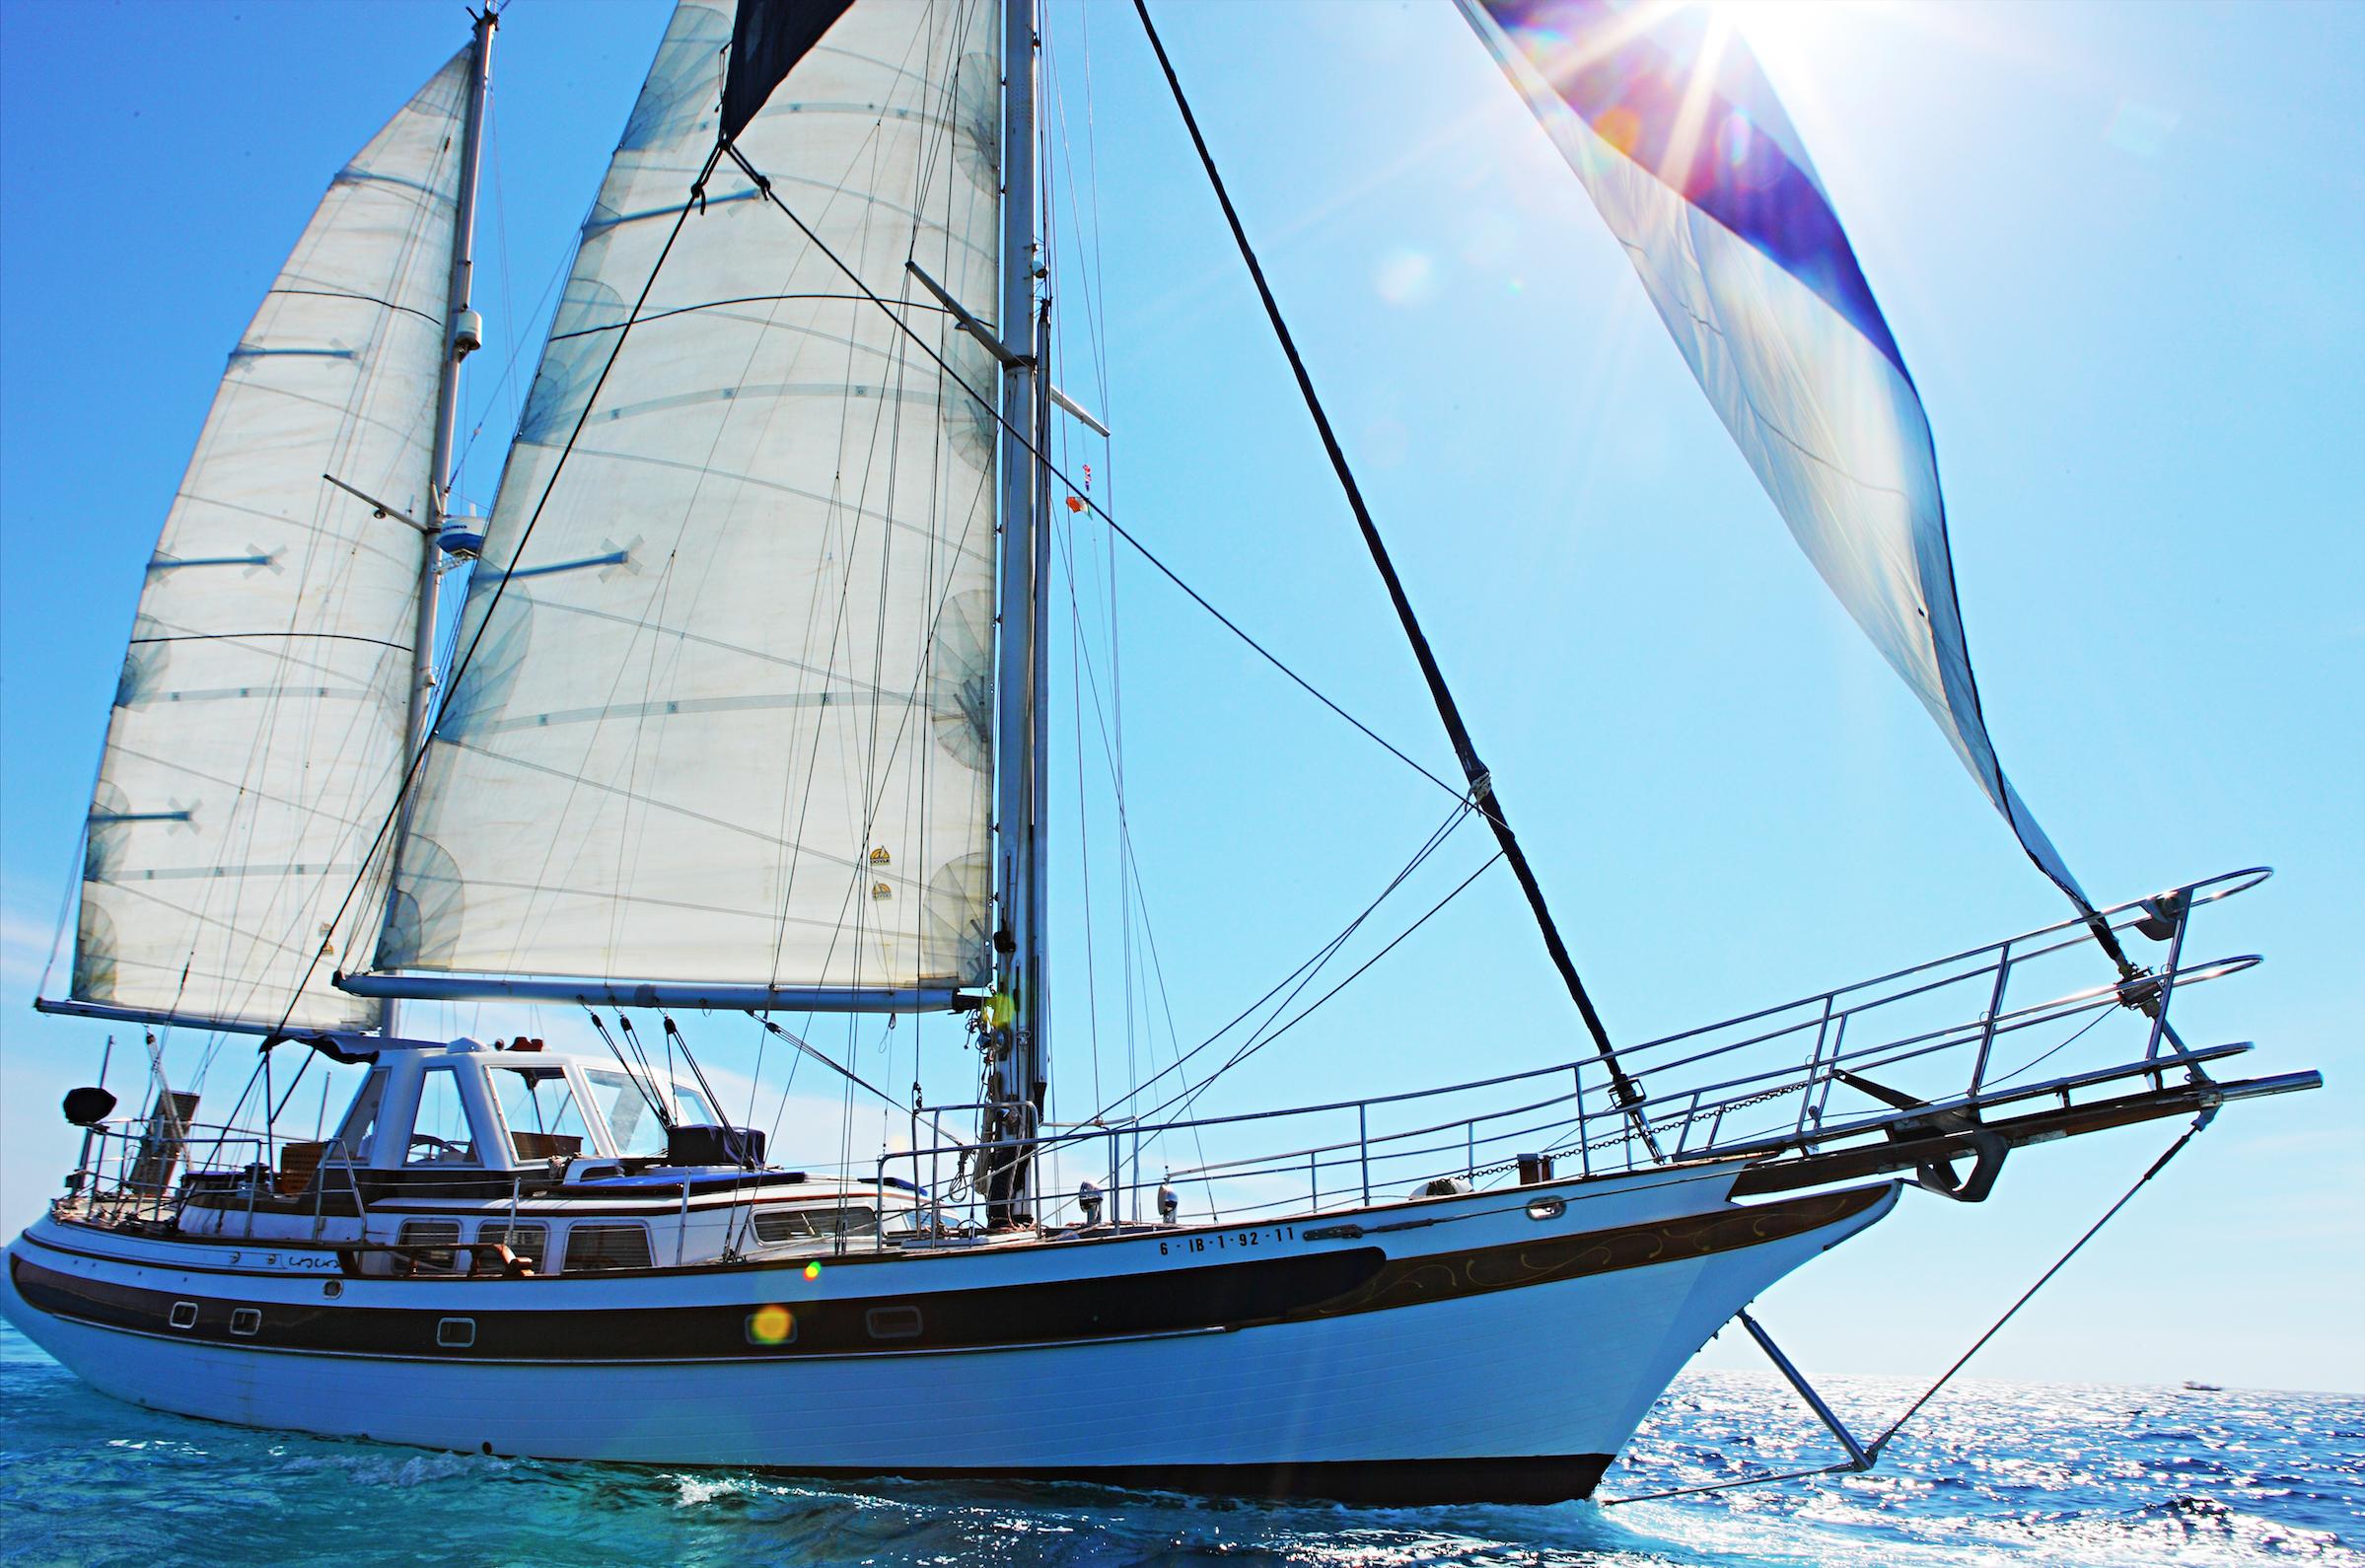 OctopusC-Sailing-Boat-Ibiza